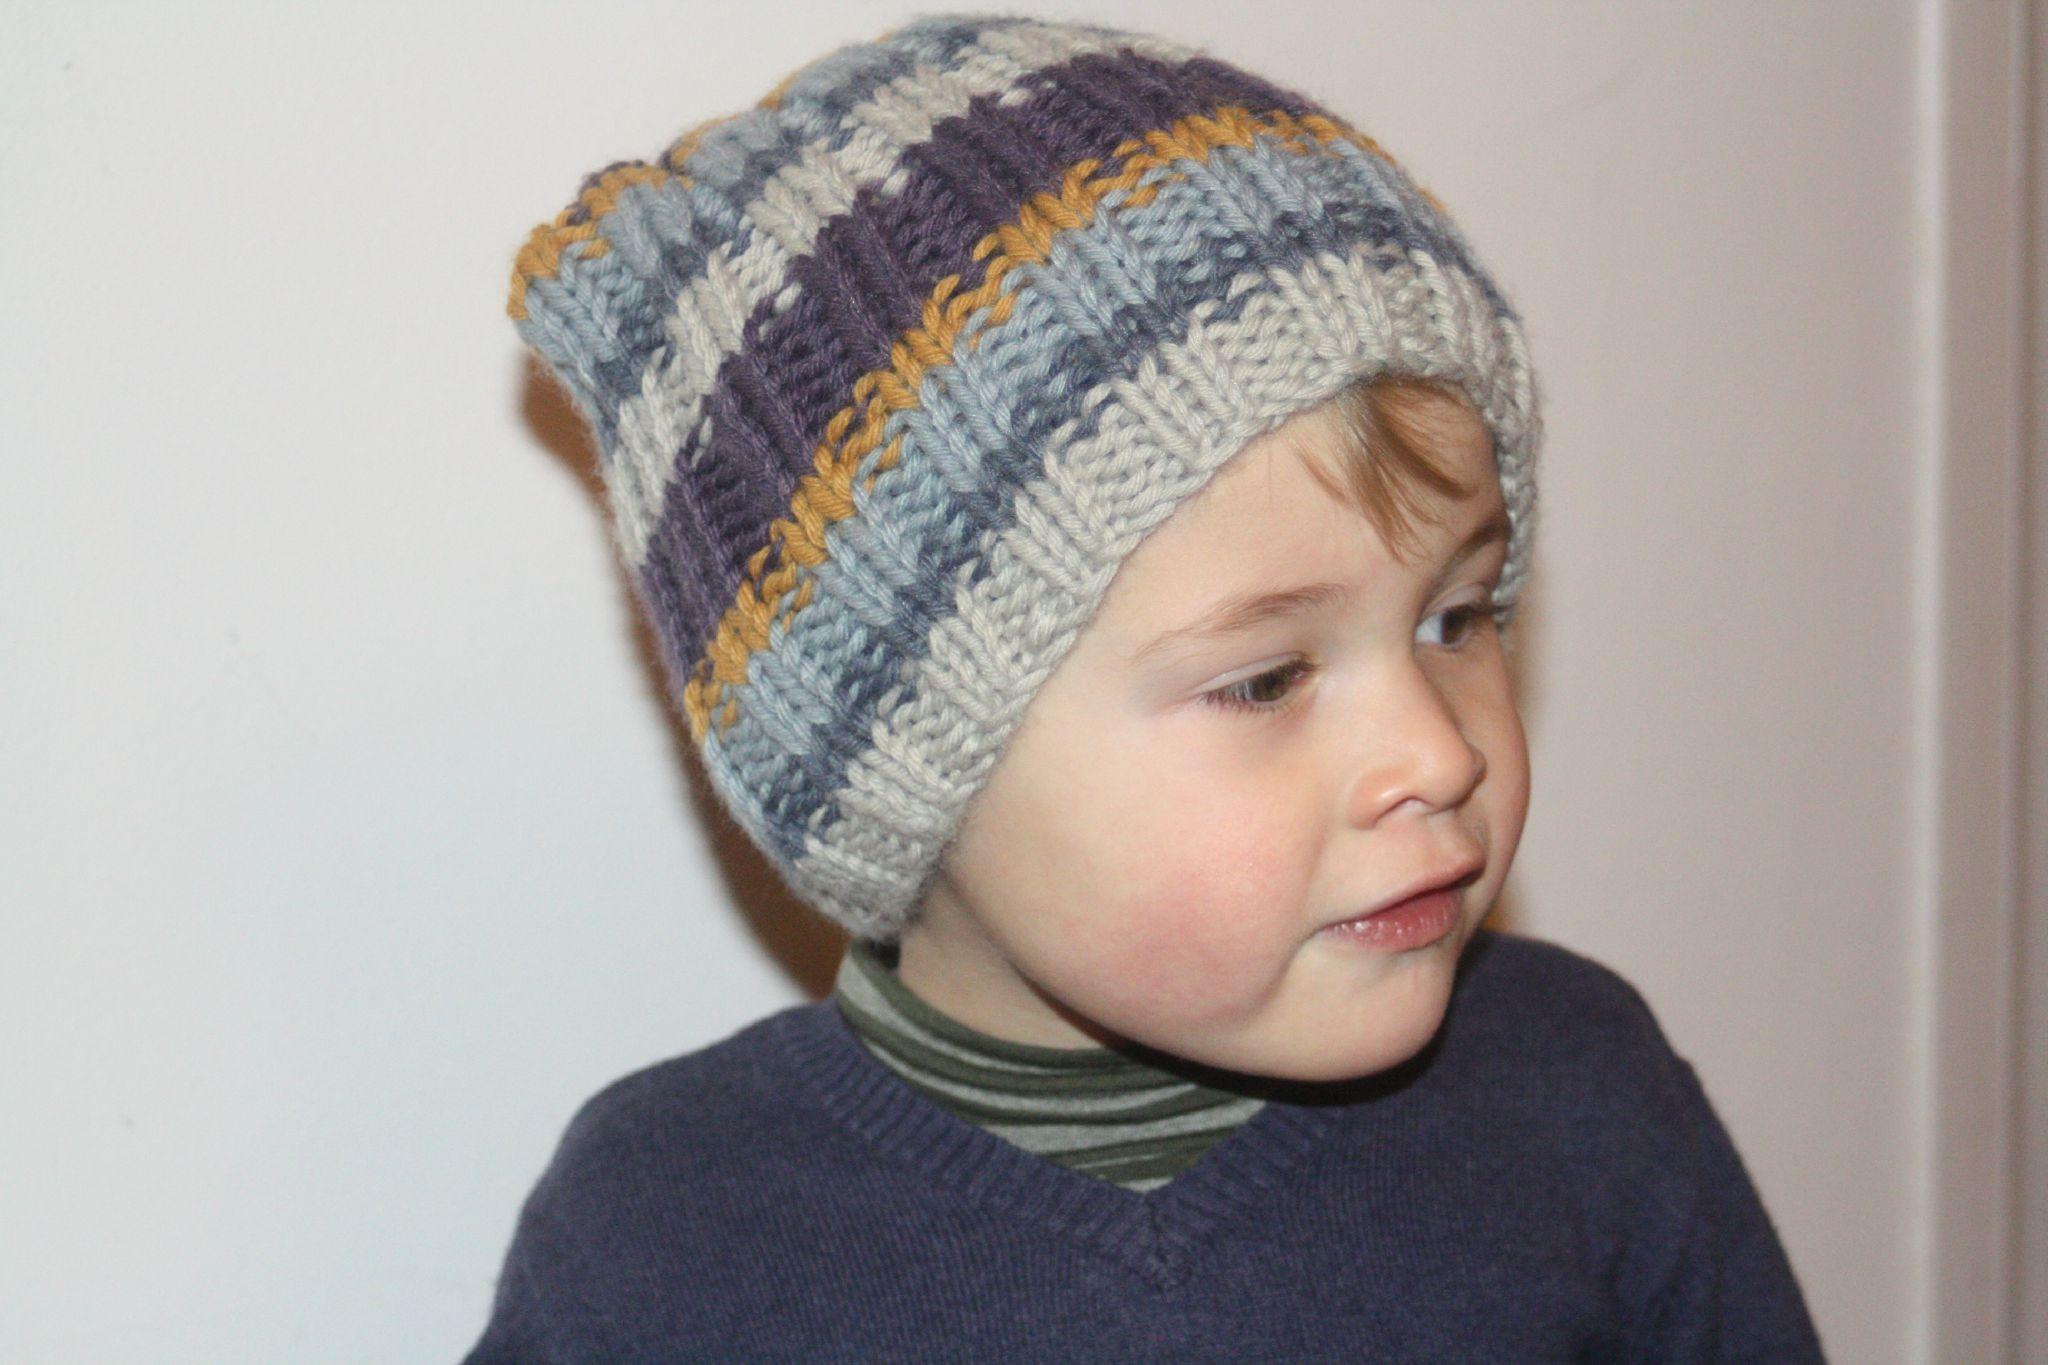 Tricoter un bonnet garcon 2 ans - Idées de tricot gratuit 8d2f9bd7f6e